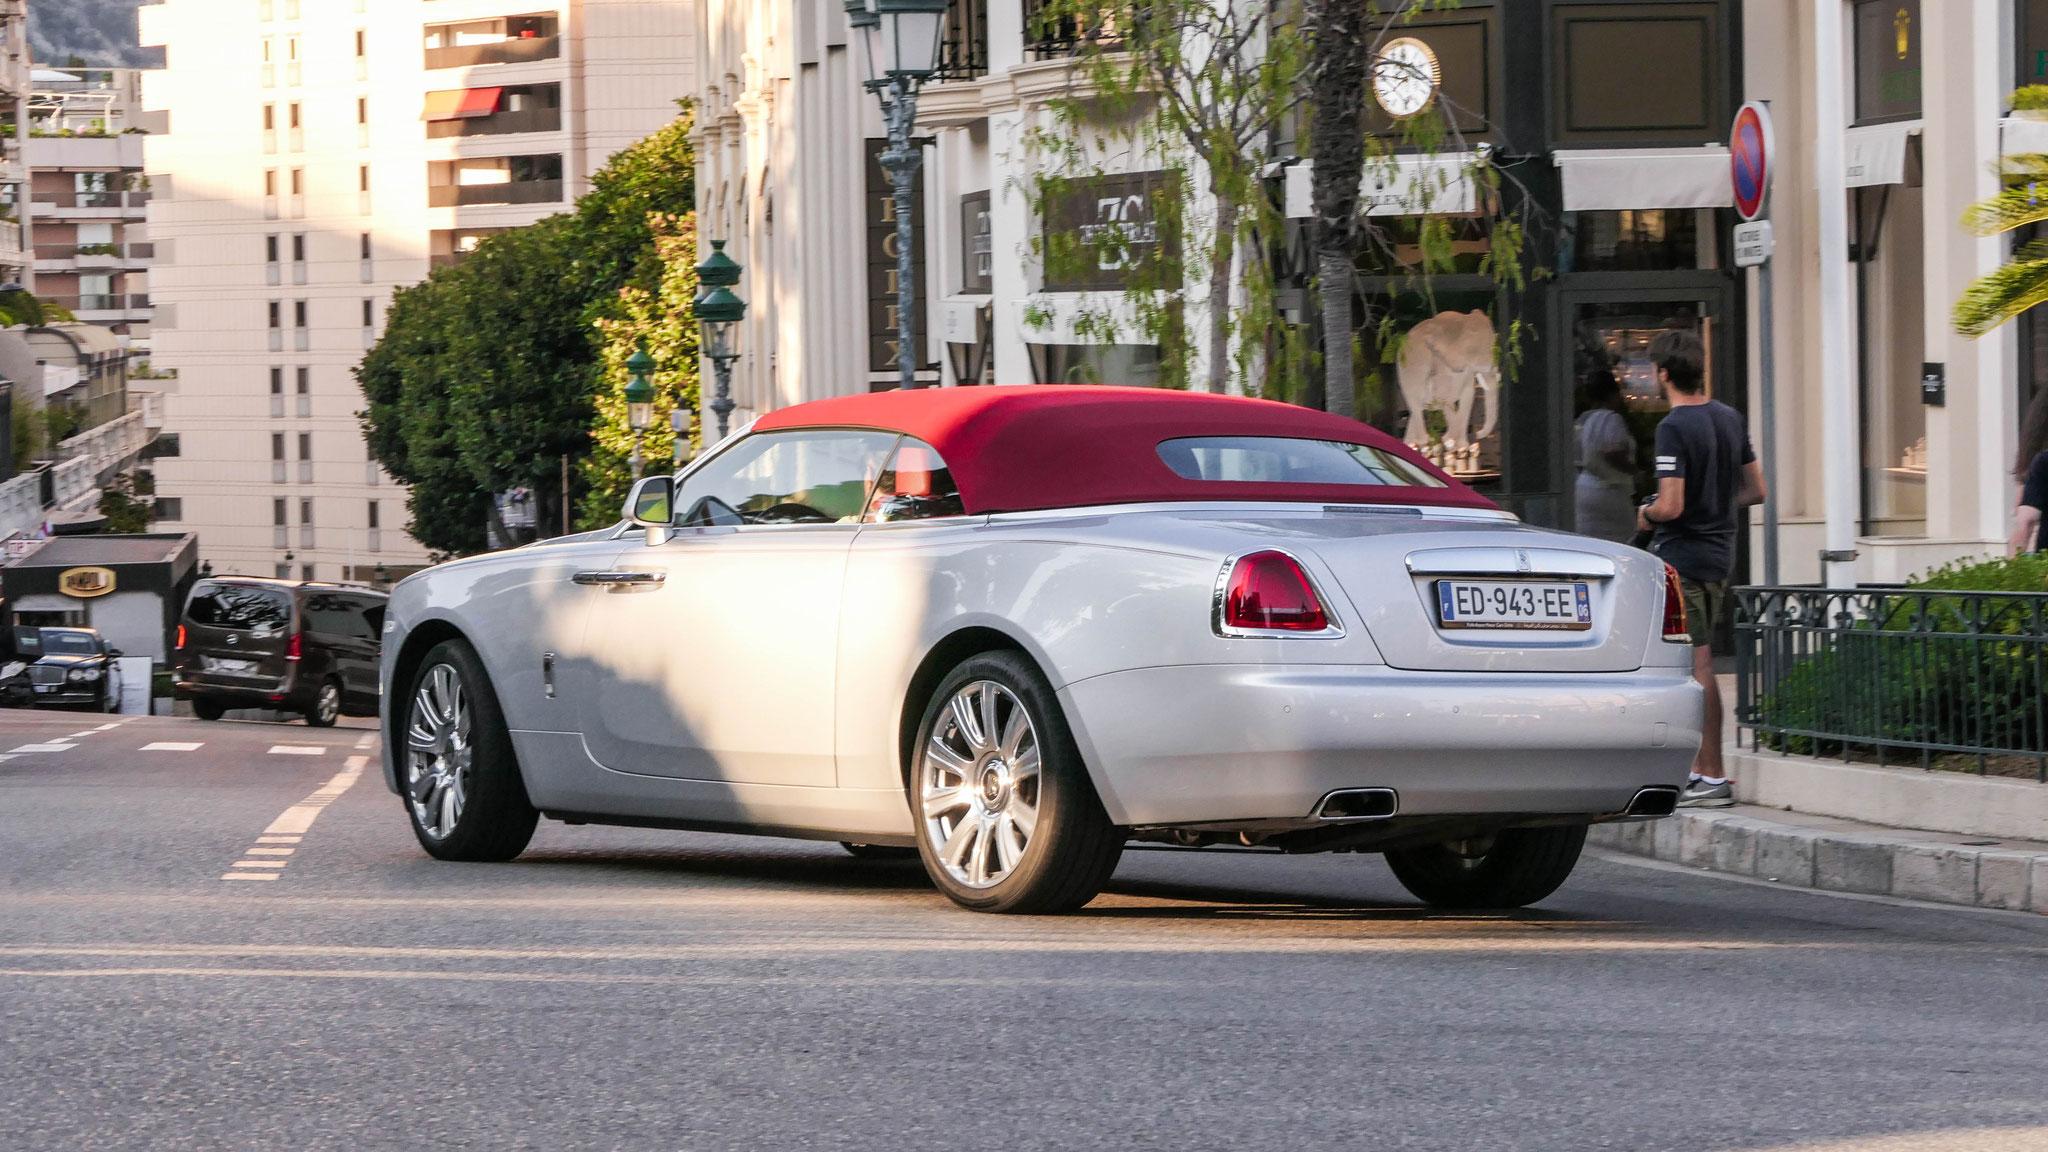 Rolls Royce Dawn - ED-943-EE-06 (FRA)